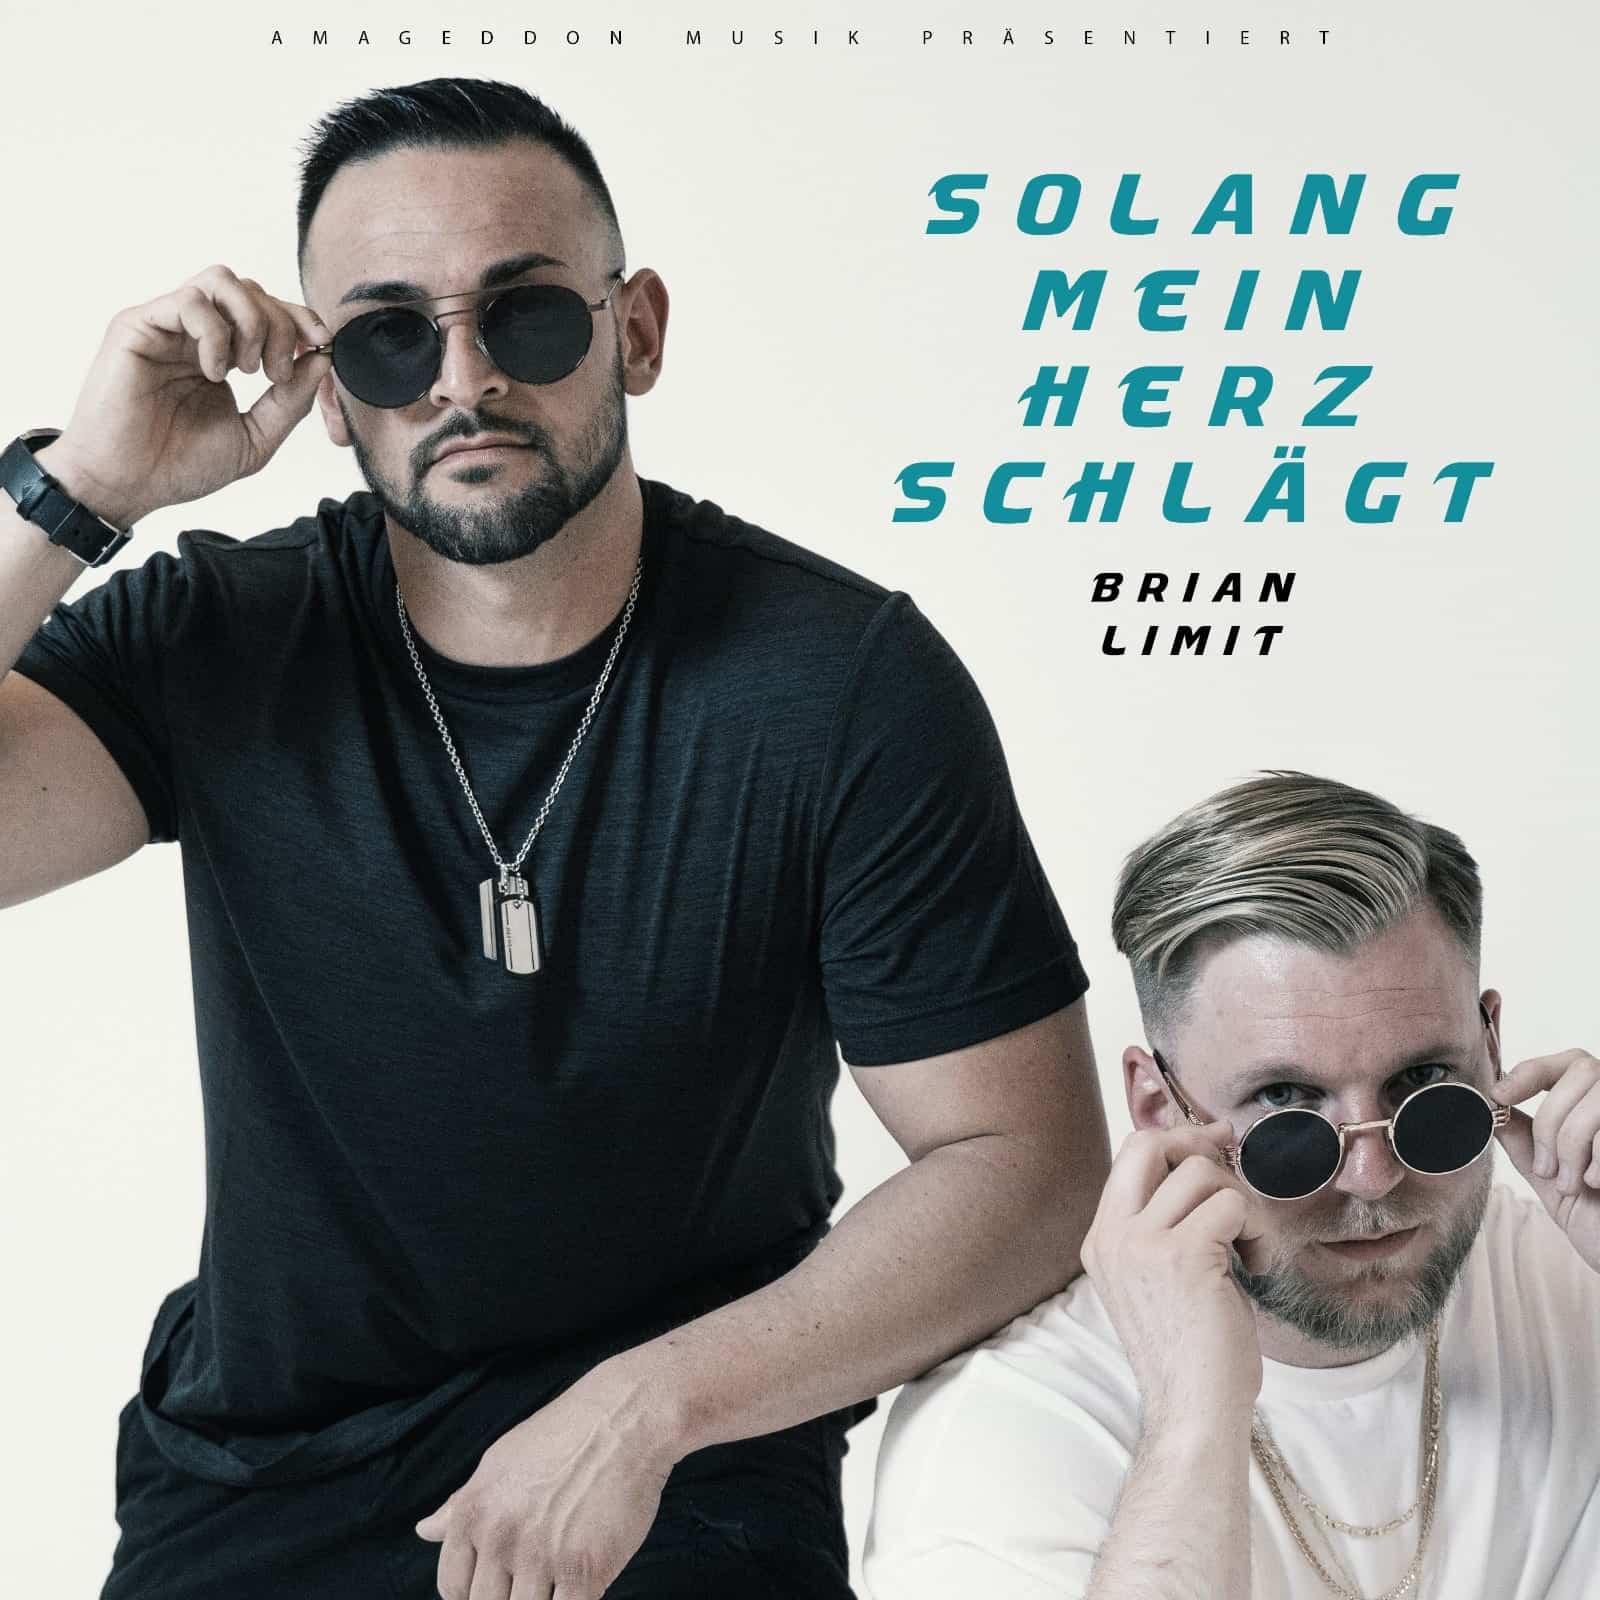 Upcoming: Limit & Brian - Solang Mein Herz Schlägt